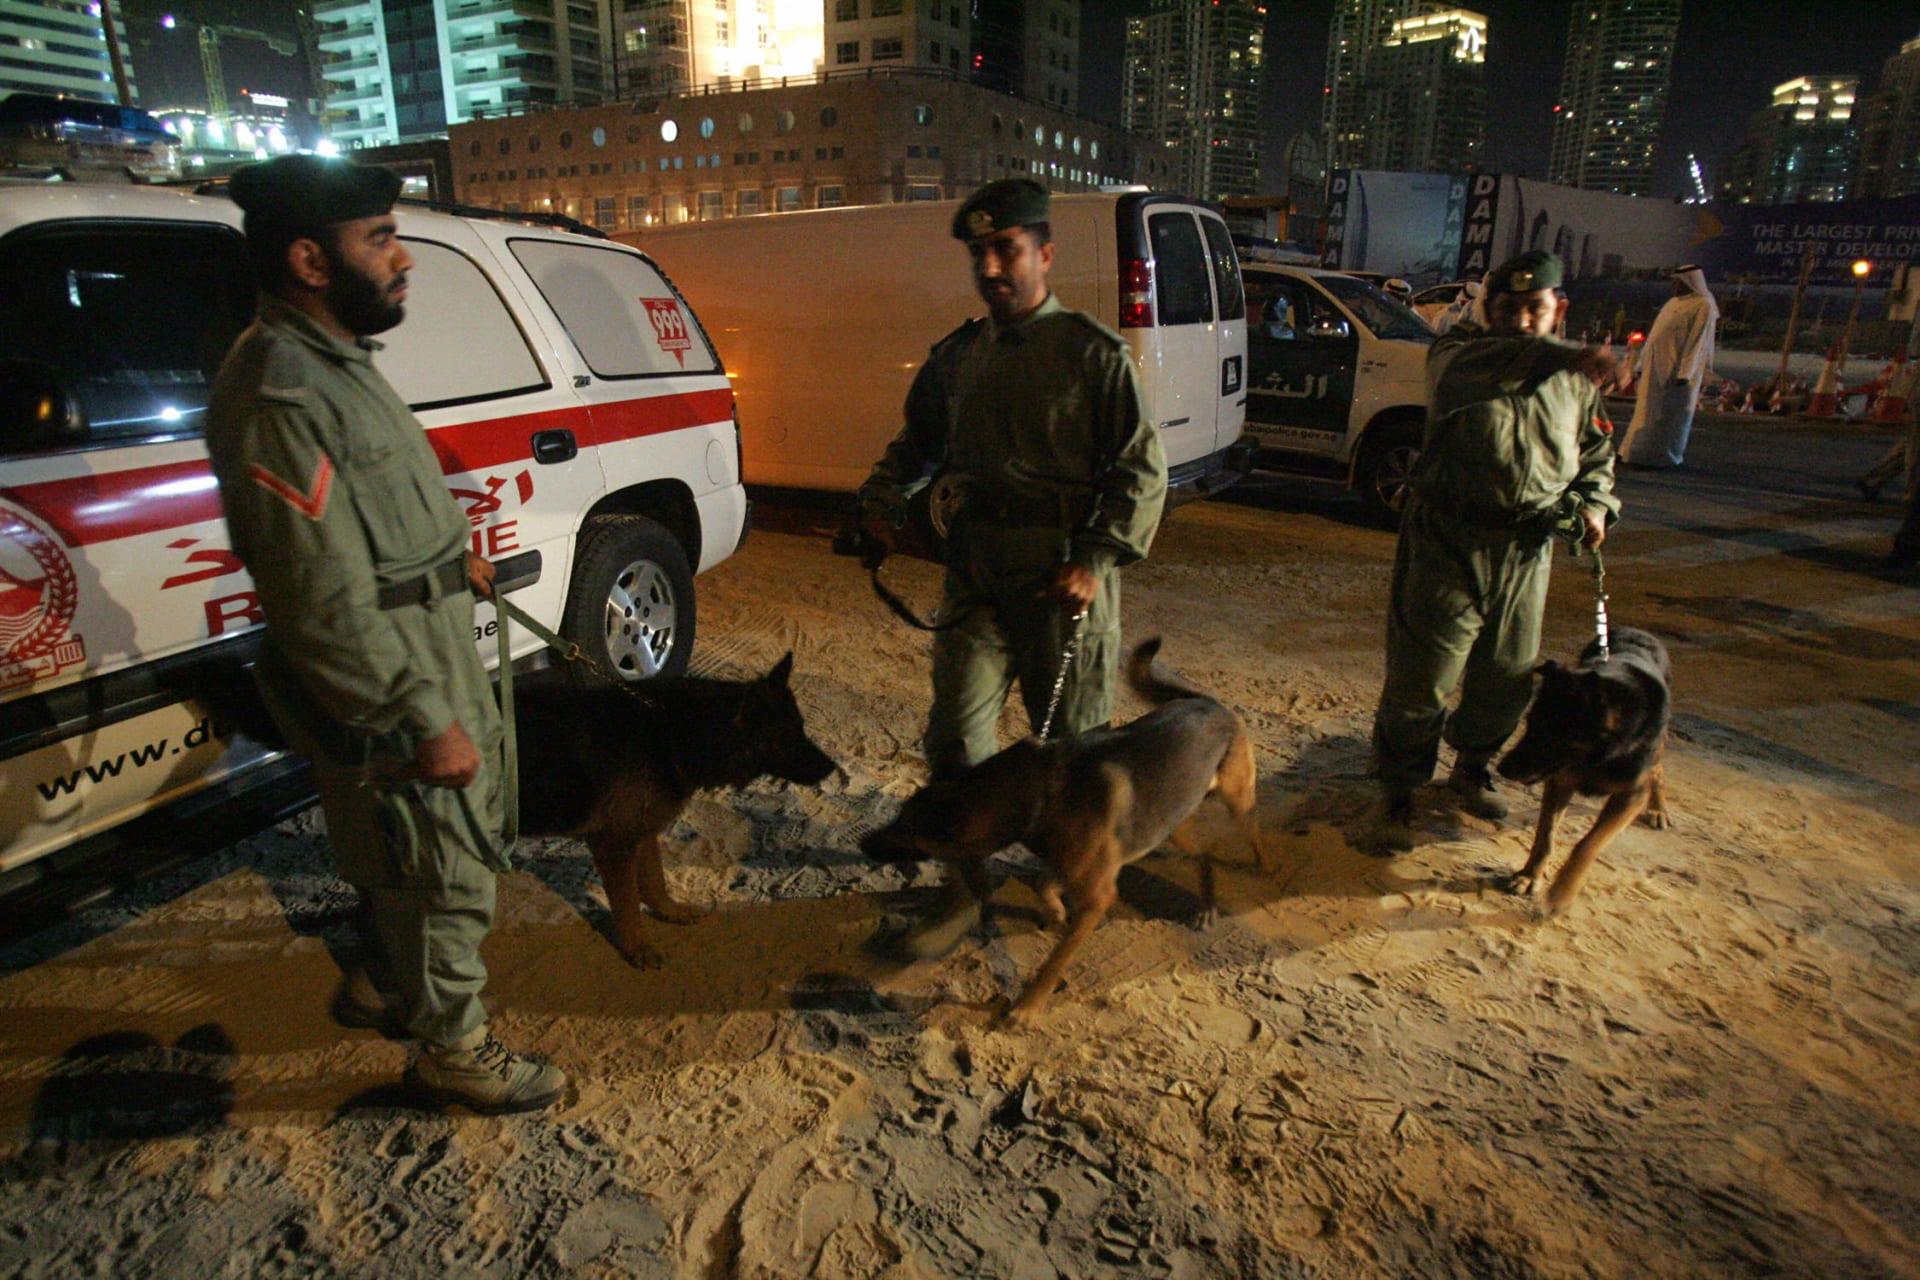 الإمارات تسعى للكشف عن فيروس كورونا عبر الكلاب البوليسية.. فكيف تتم العملية؟